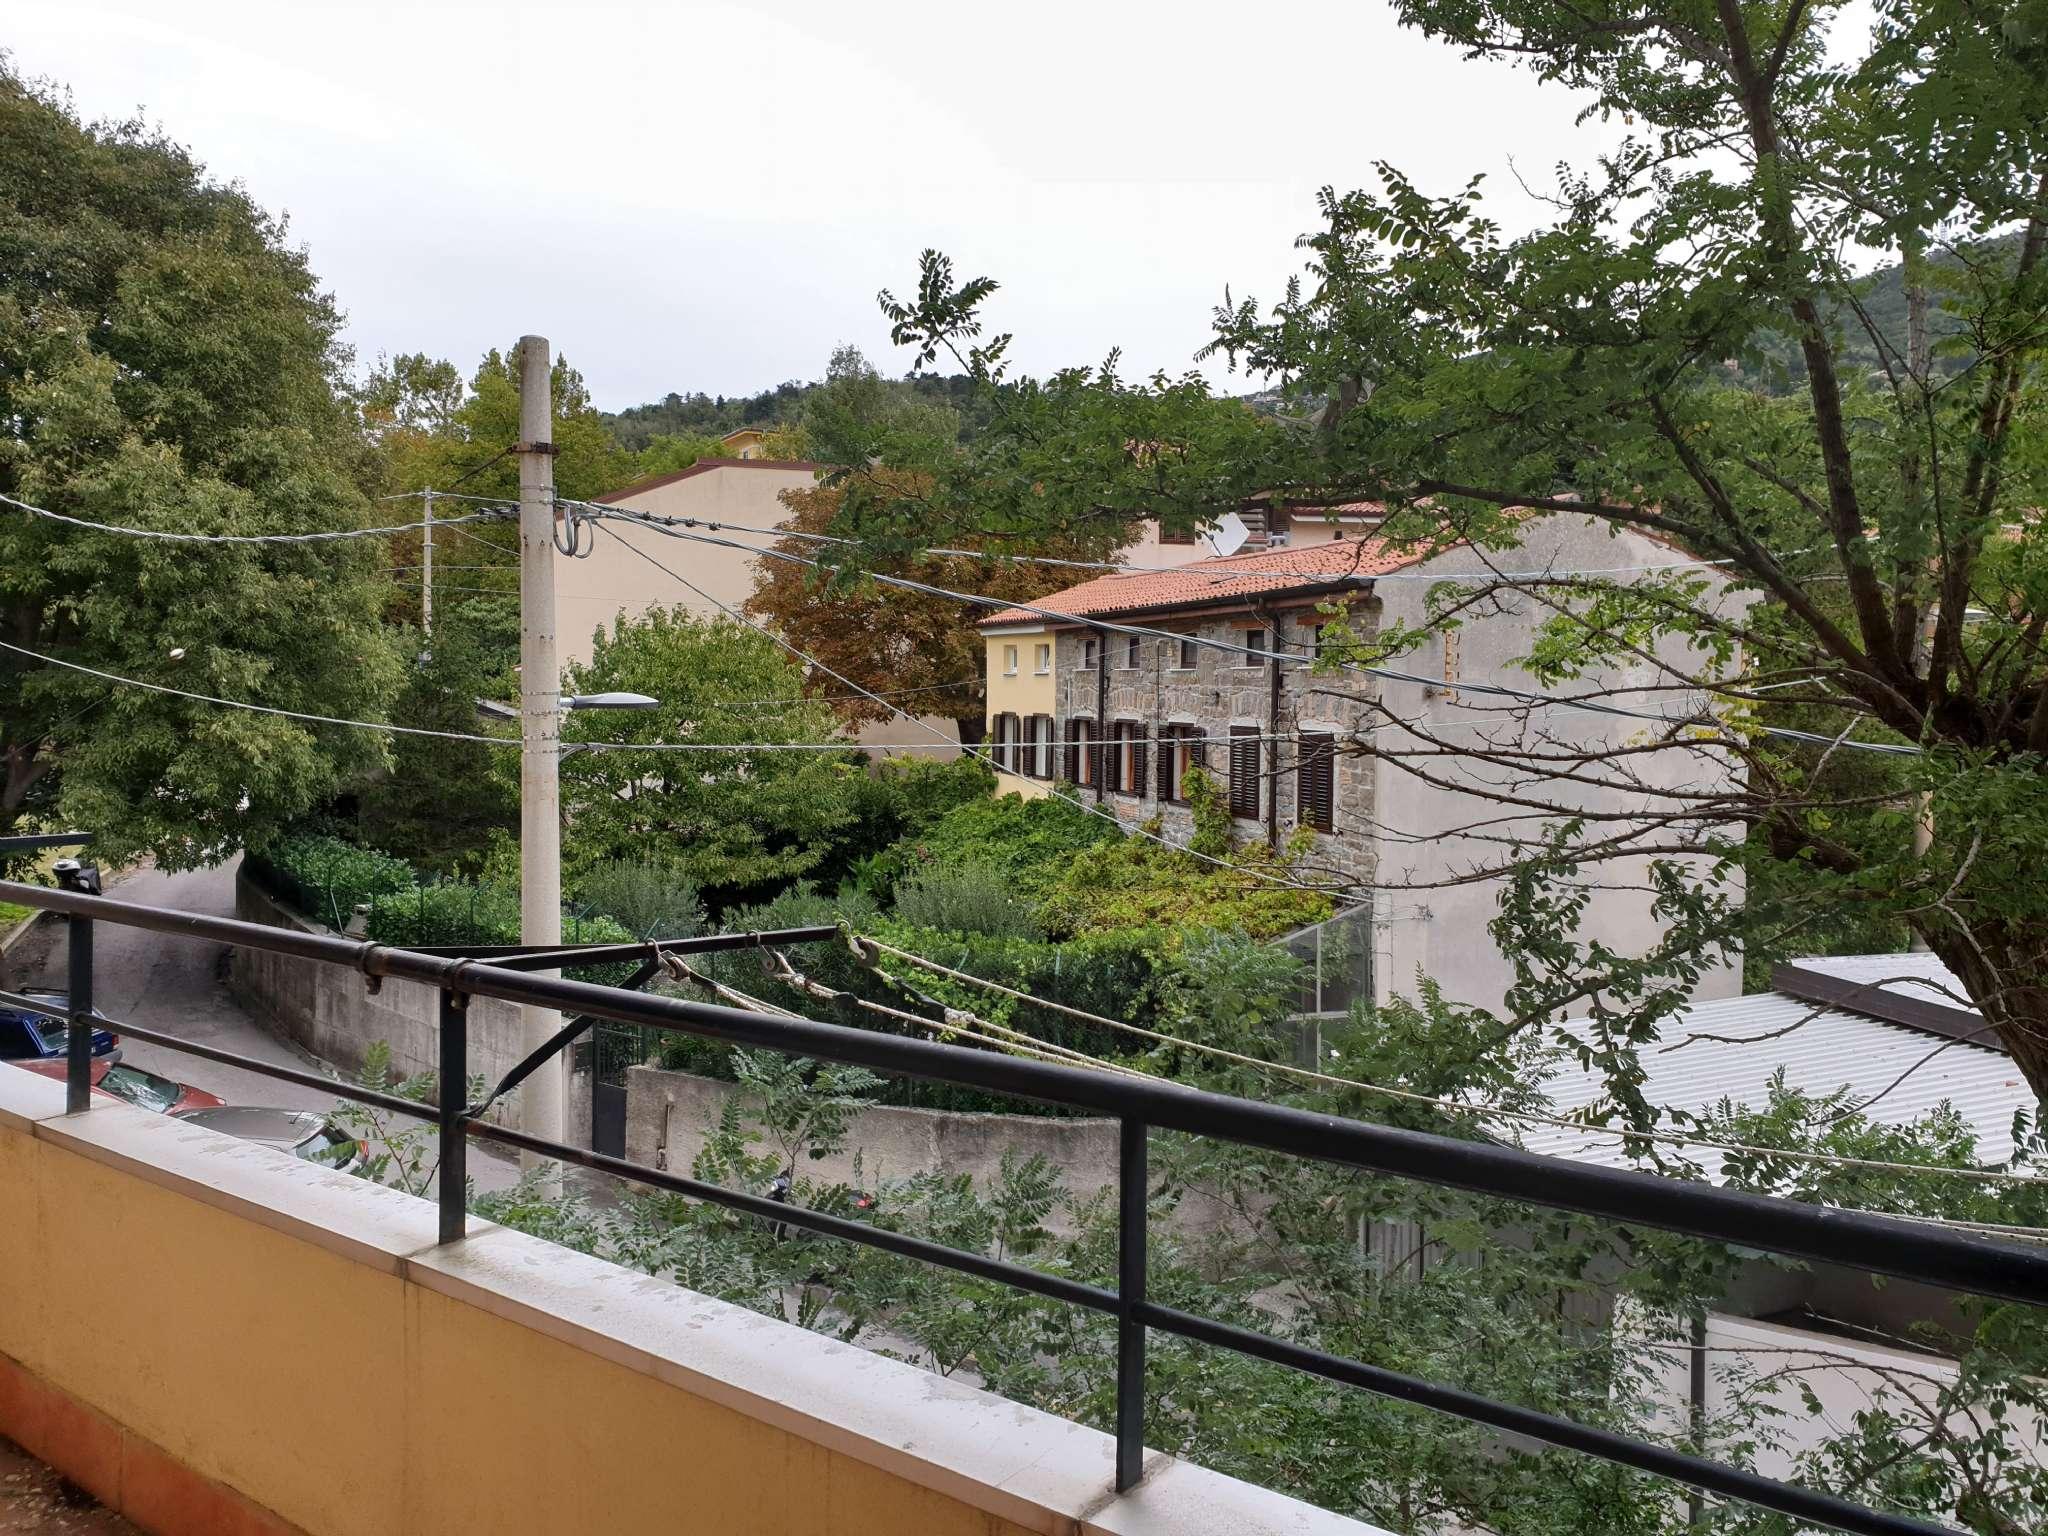 Appartamento in vendita a Trieste, 2 locali, prezzo € 63.000 | PortaleAgenzieImmobiliari.it